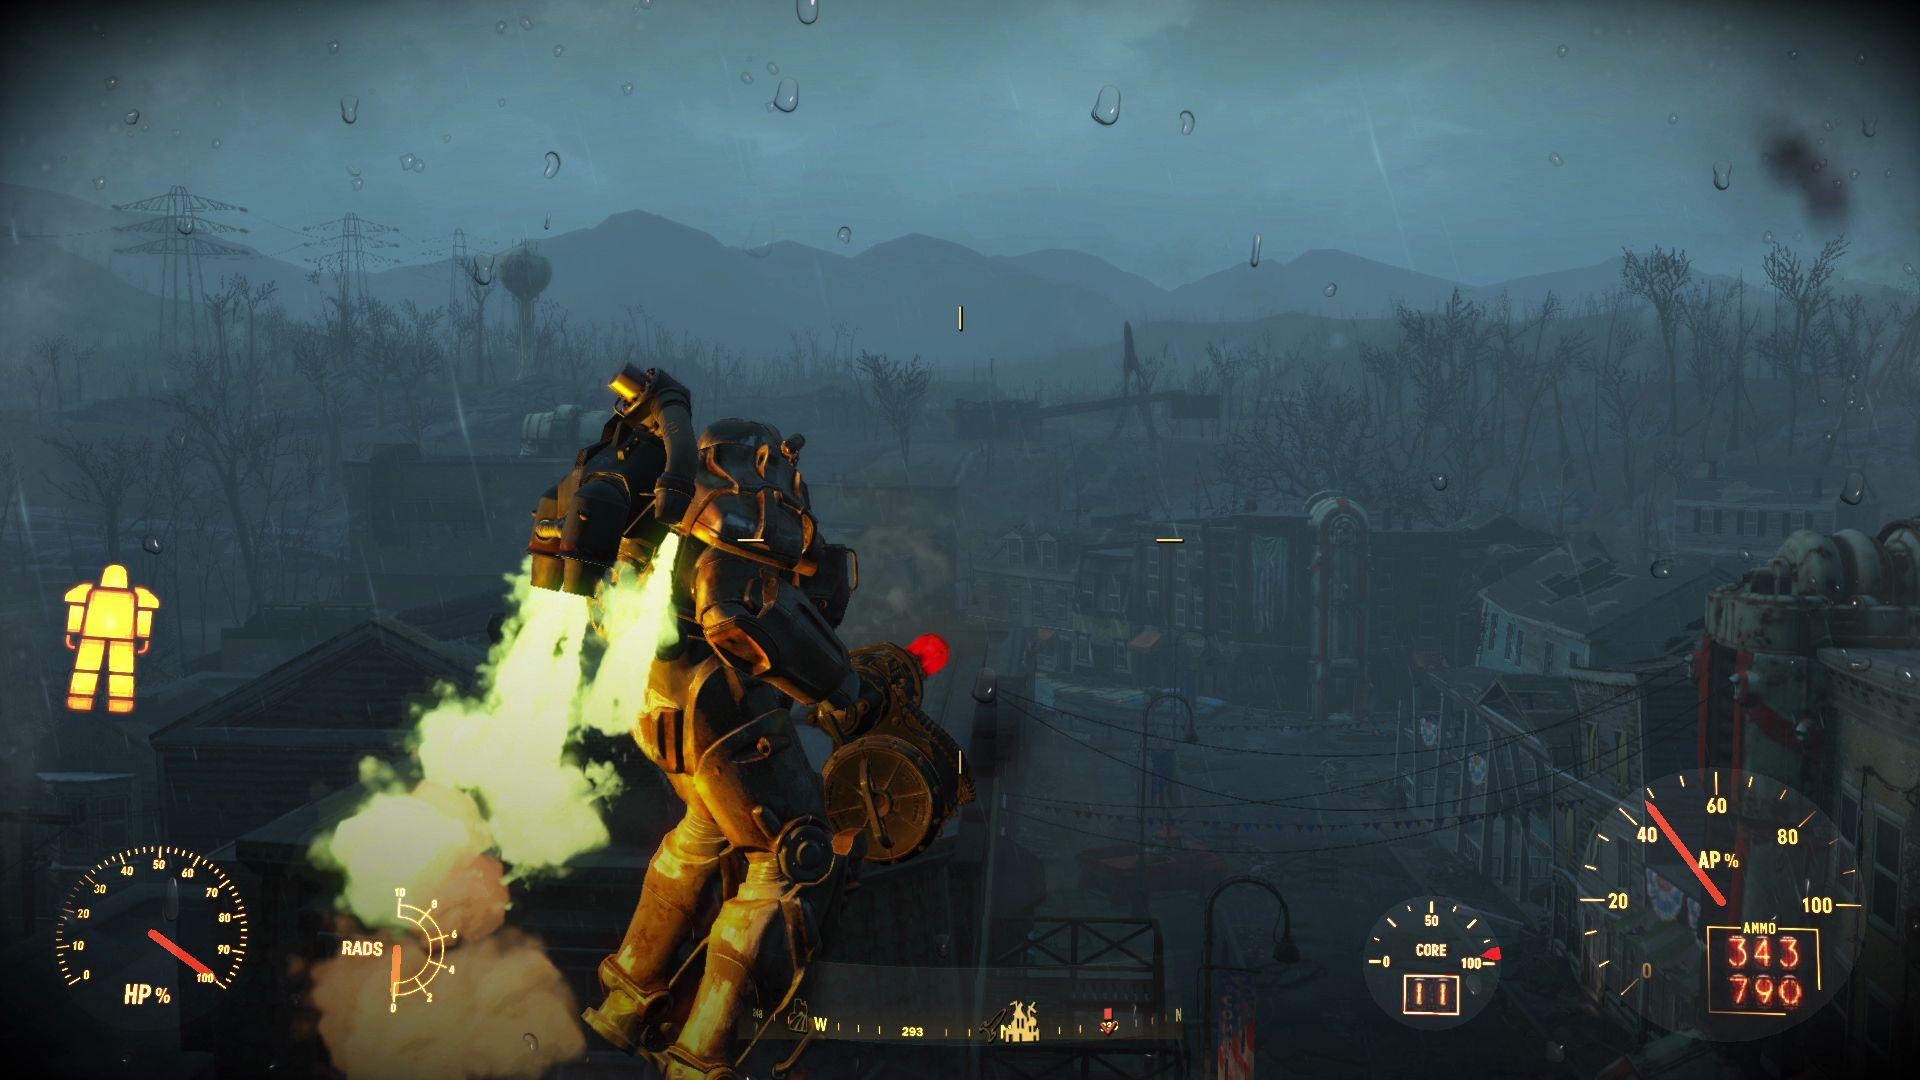 Fallout 4 vyjde už v listopadu. Hra se předvedla na E3 110105